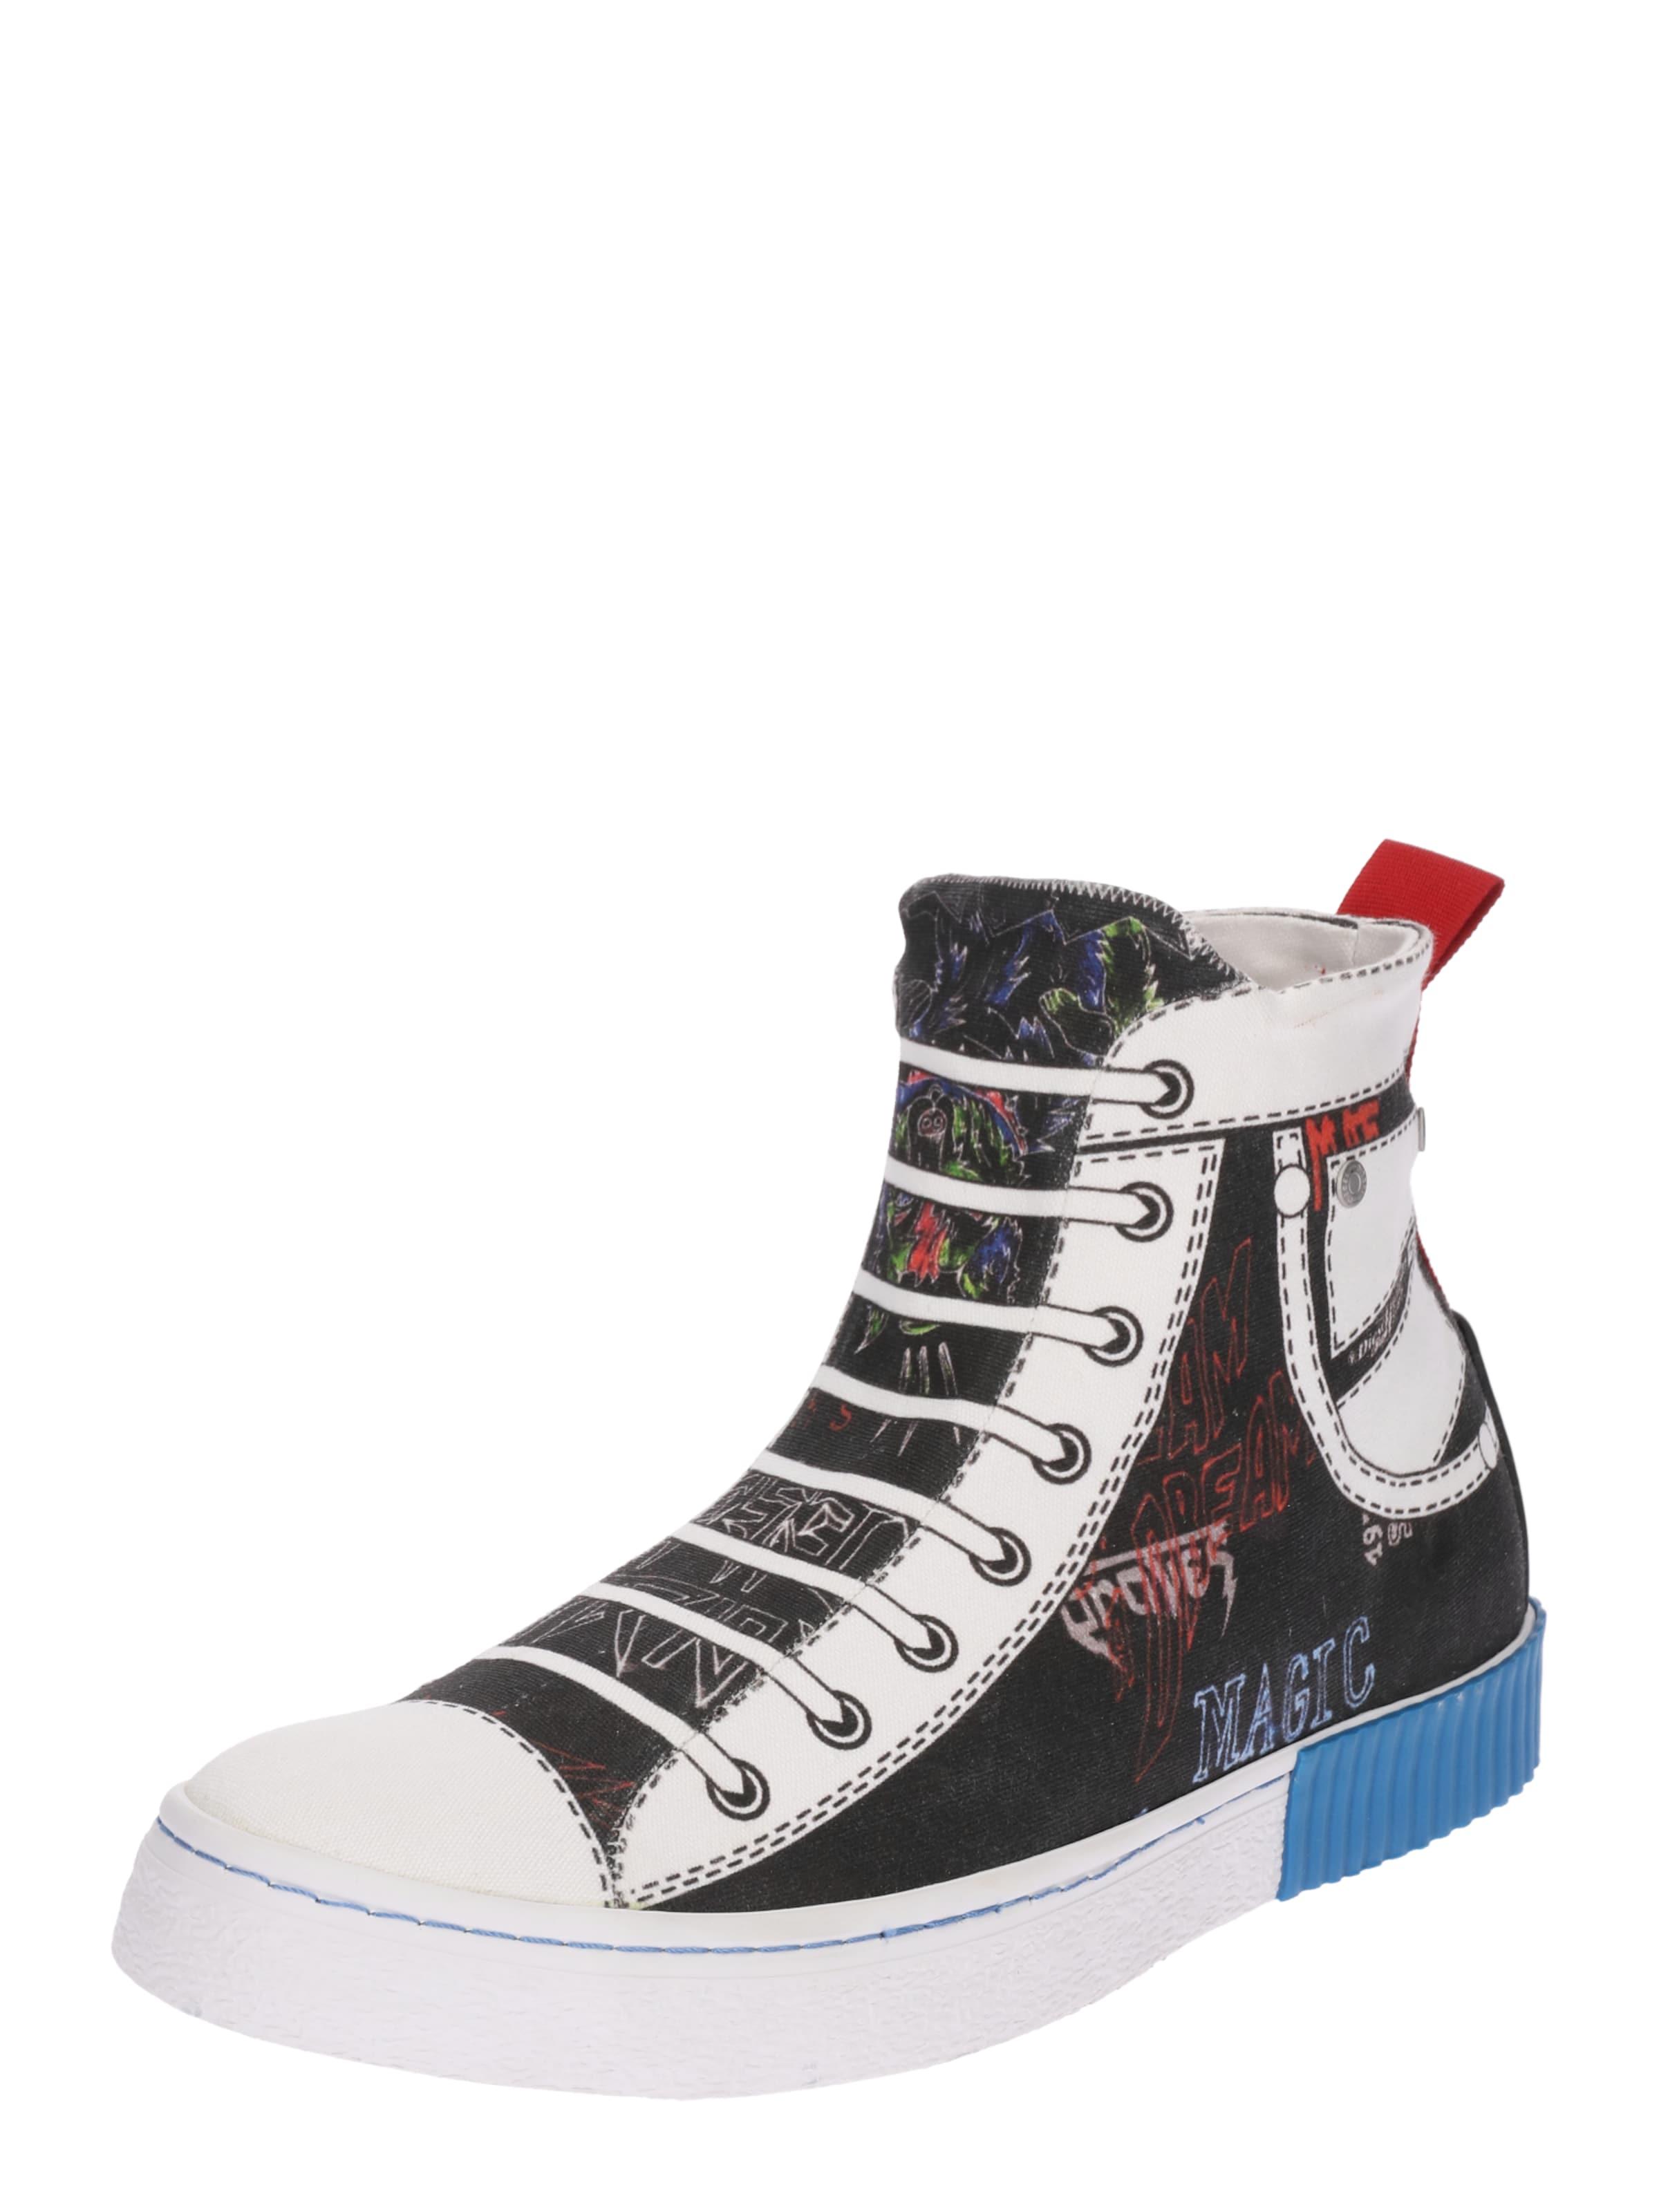 DIESEL Sneaker  IMAGINEE MID ON